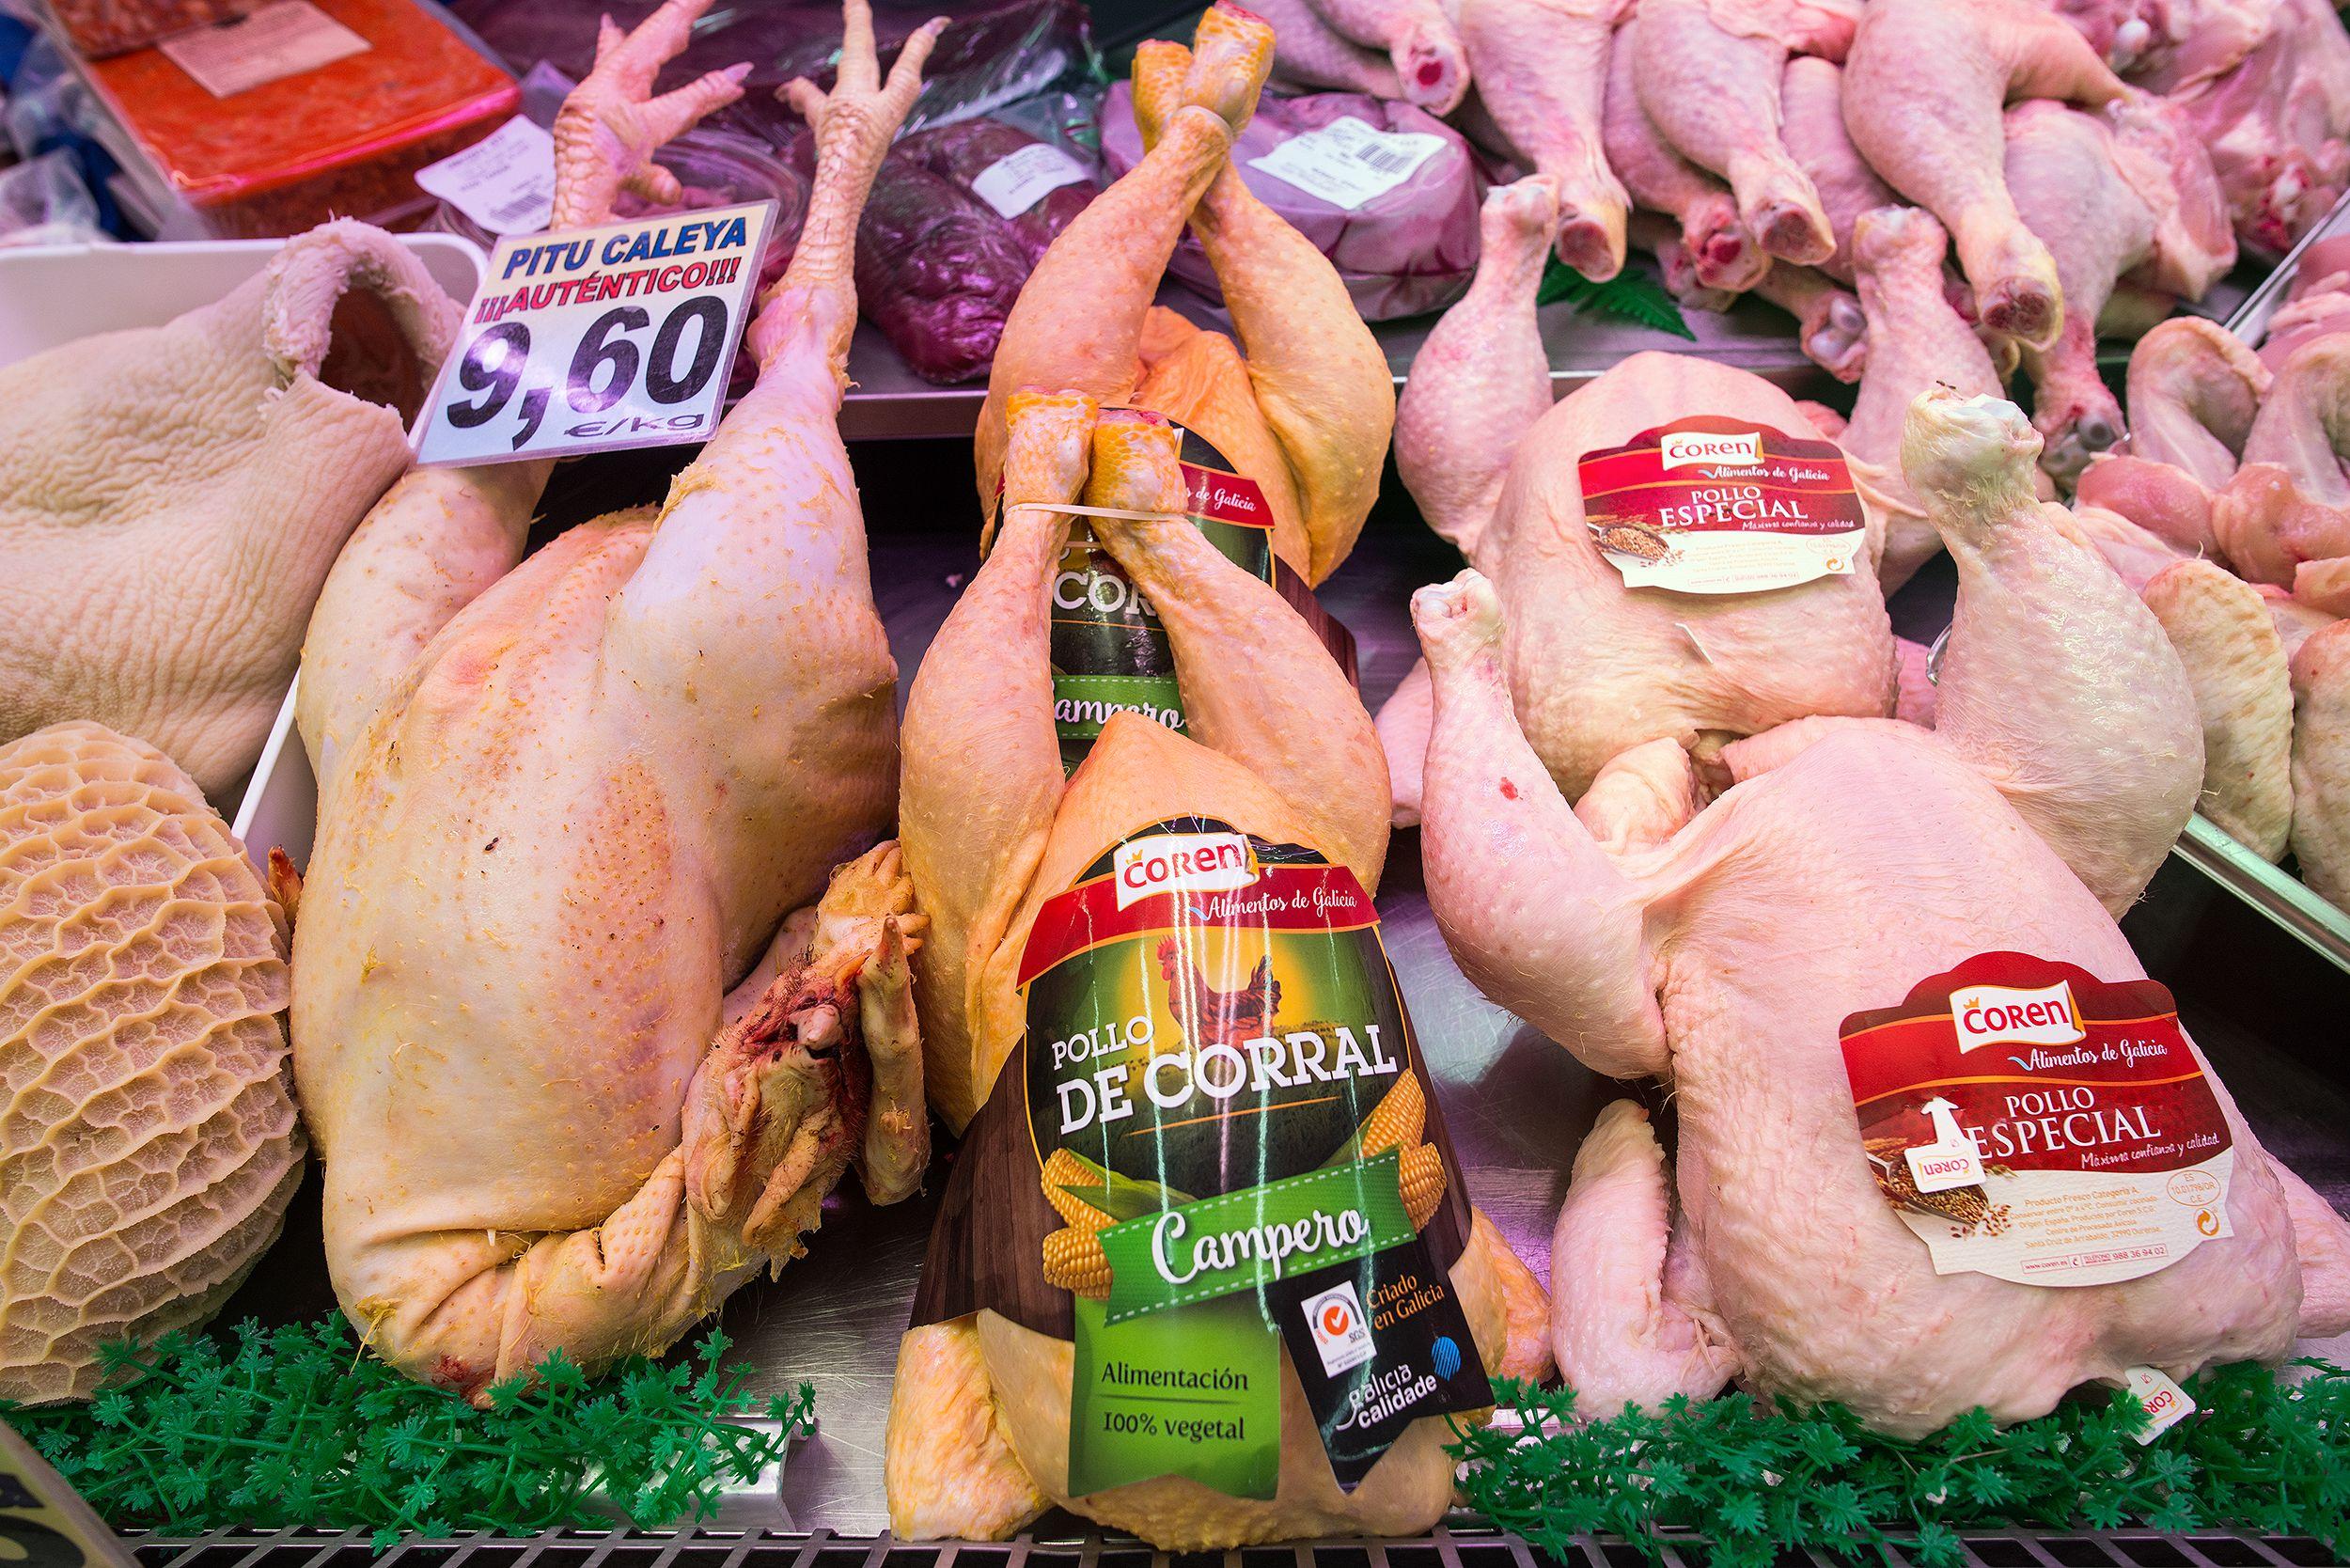 Pollo de corral y pitu caleya en Oviedo